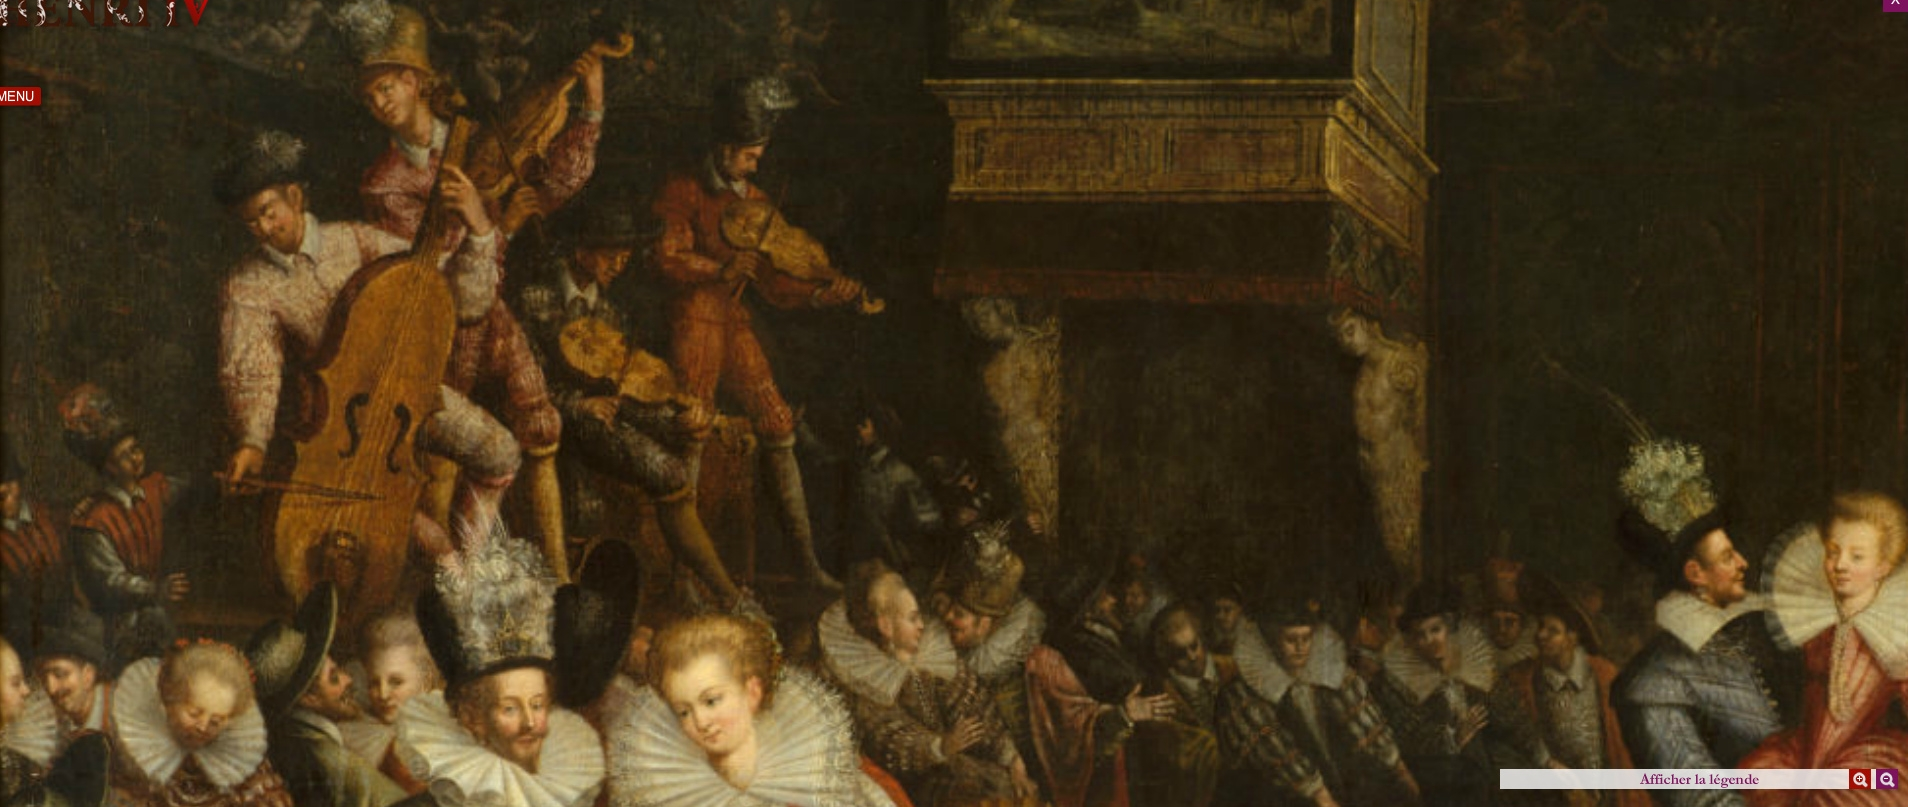 1580 - Bal a la cour des Valois - French school